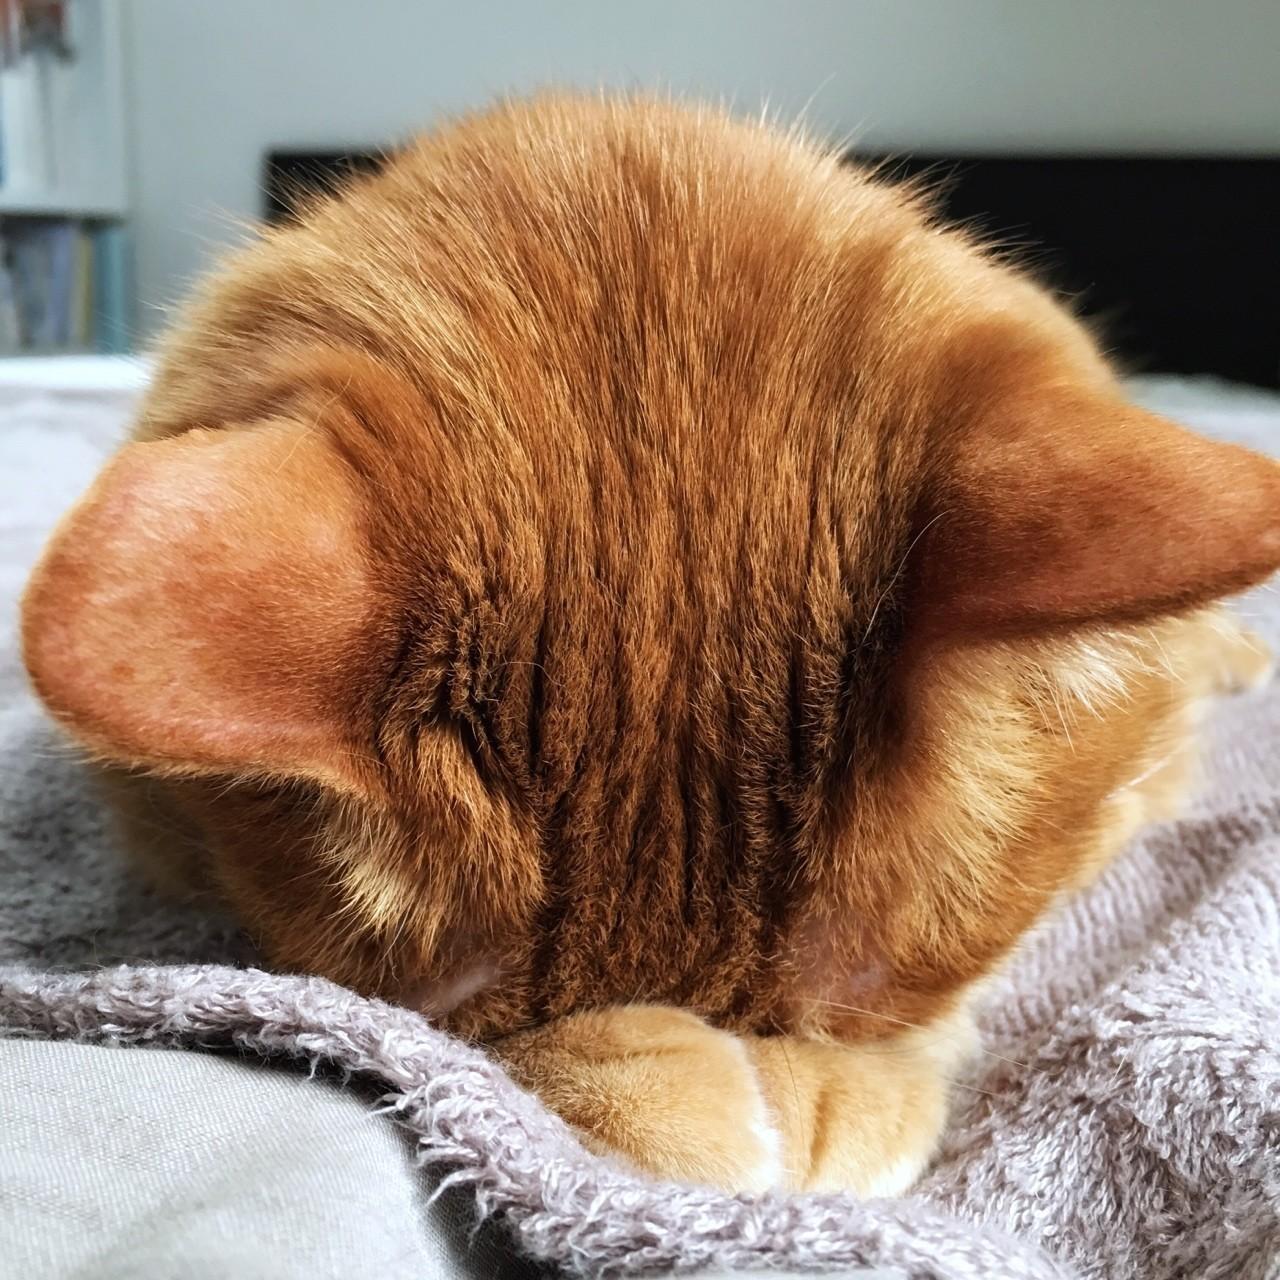 ボクです、うつぶせ寝中。おテテを枕に顔は真下に向き、いっしょうけんめい寝ております。